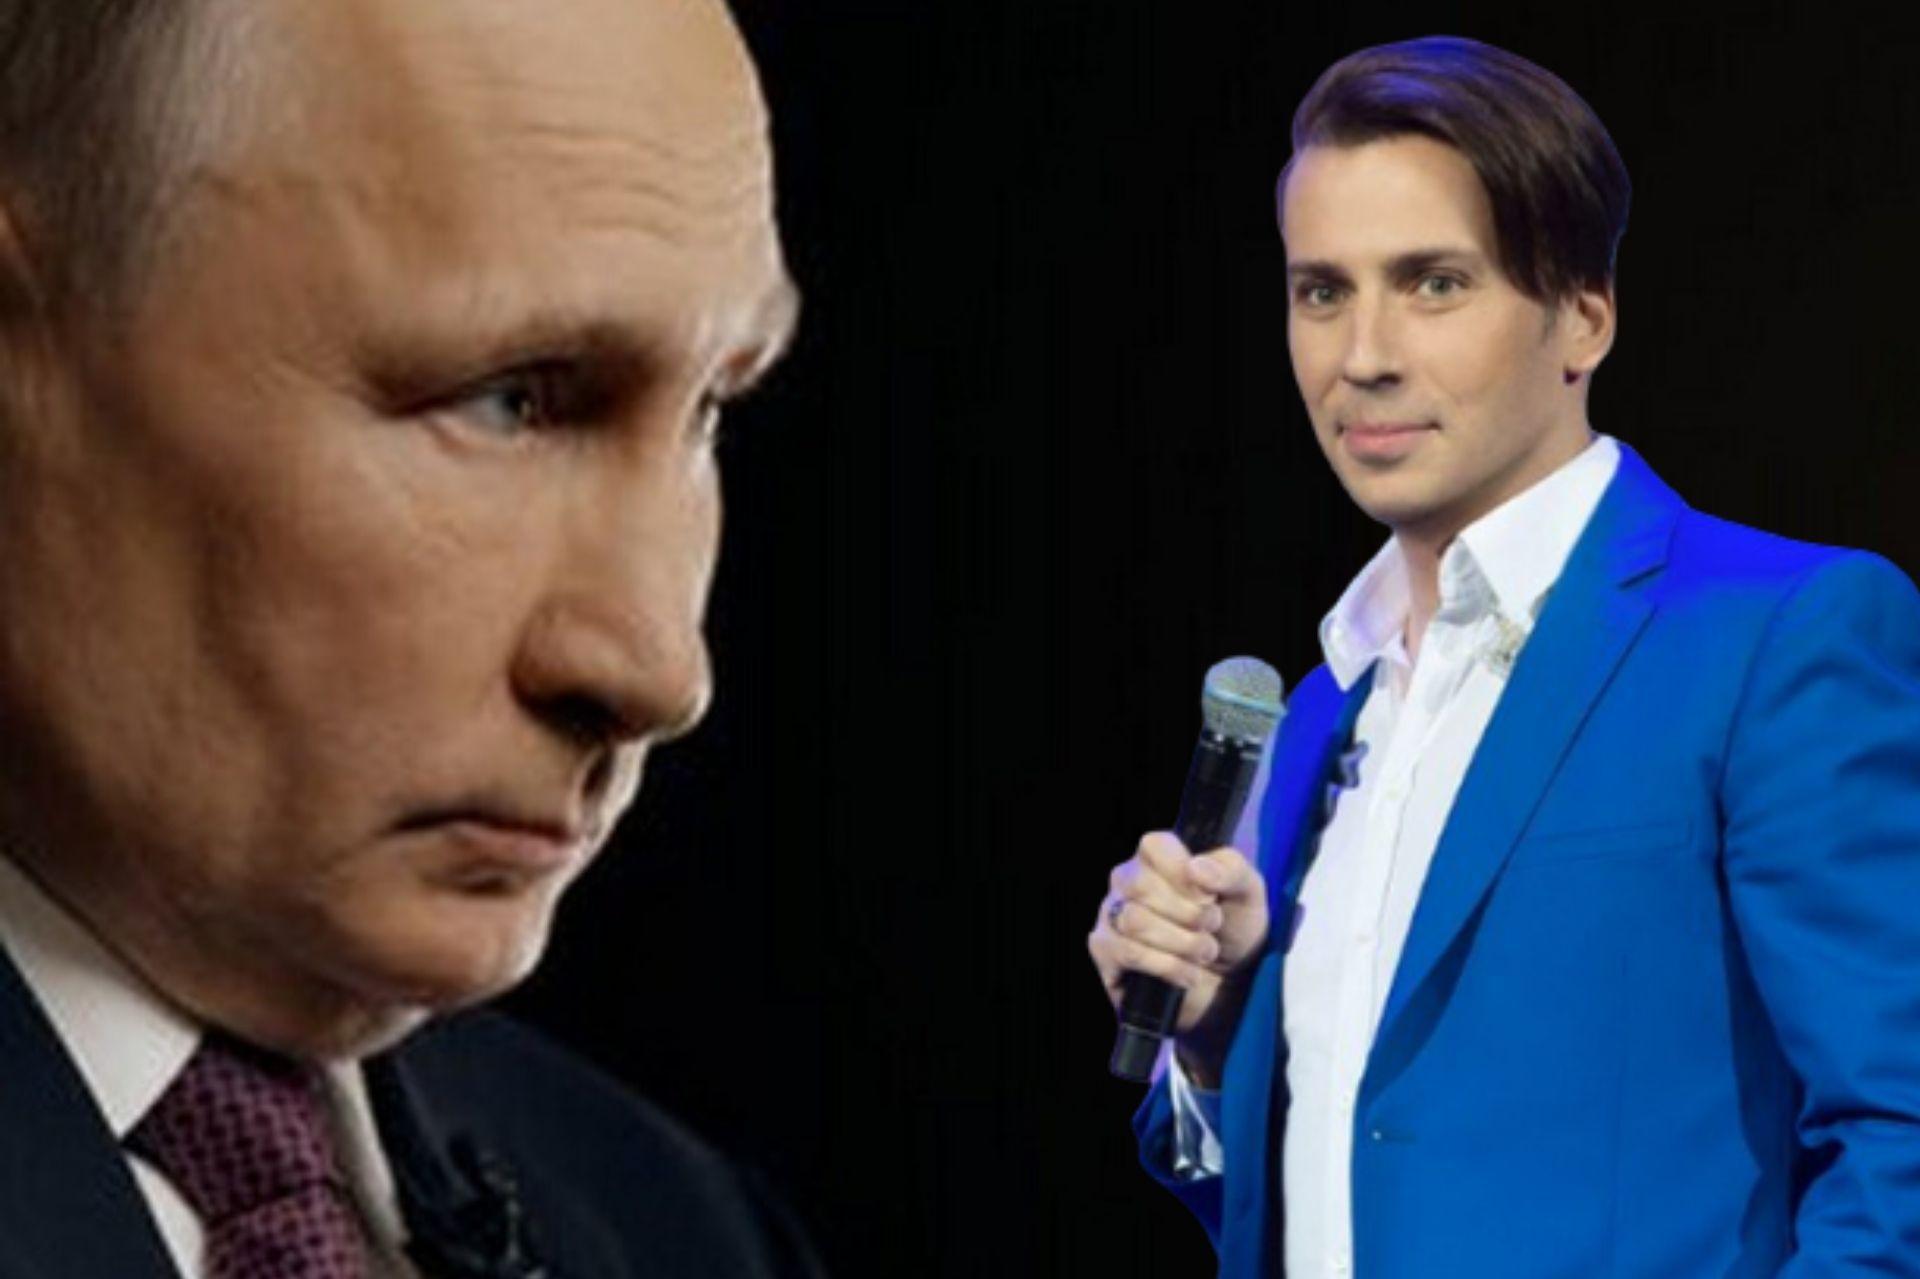 Как Владимир Путин колко ответил Галкину